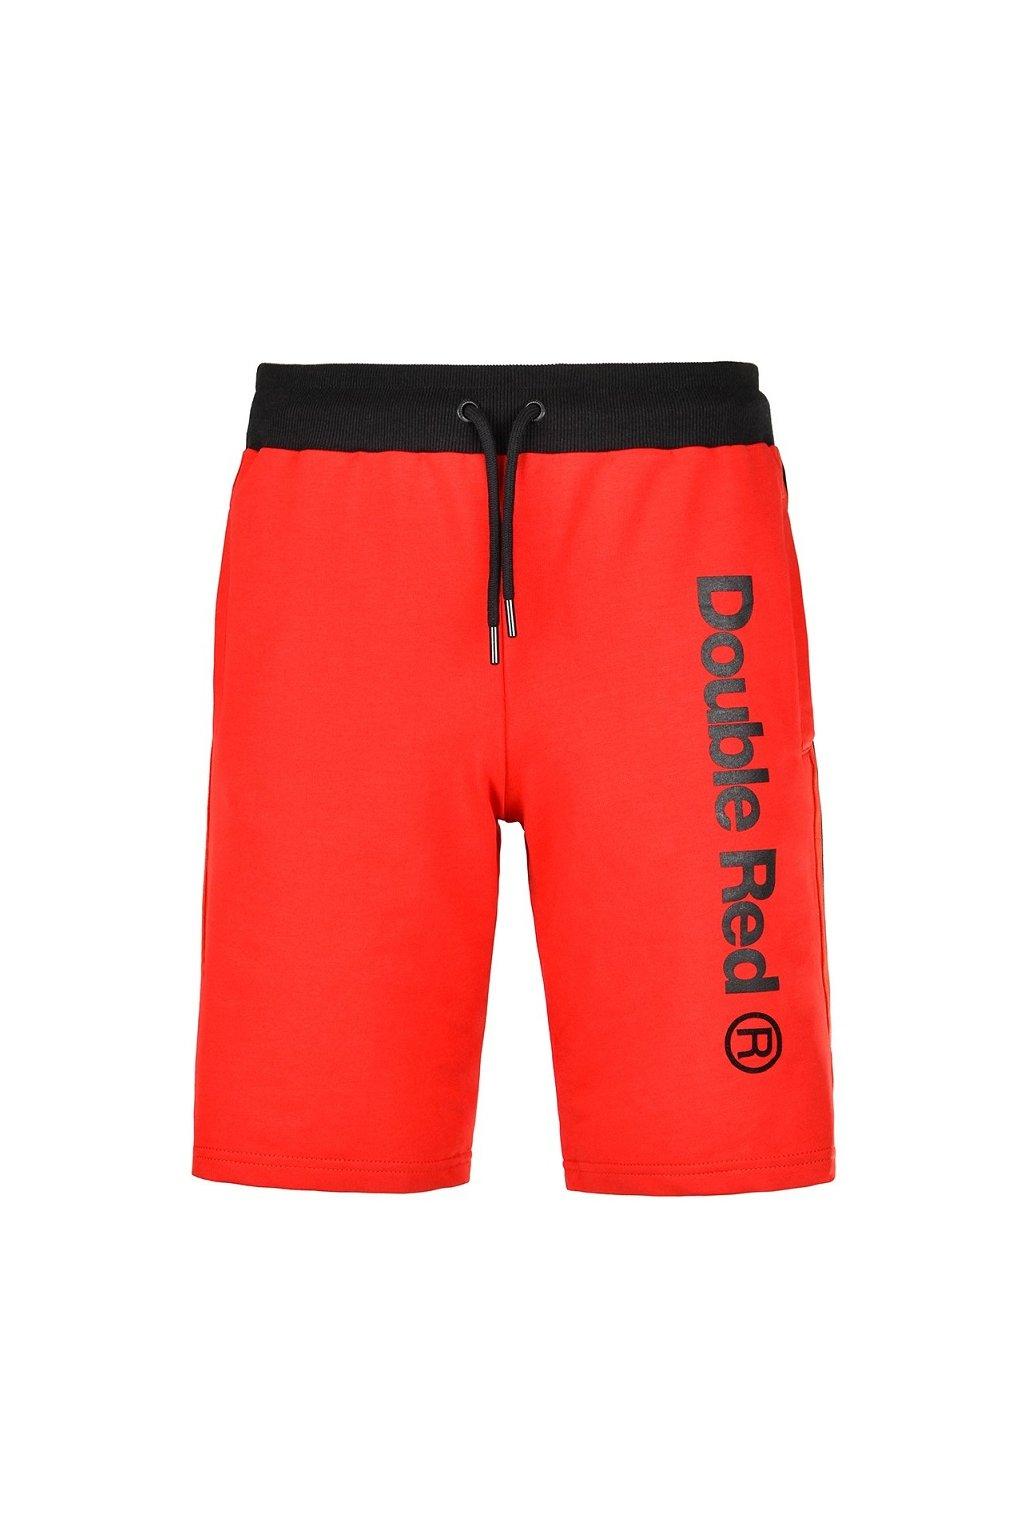 Pánské kraťasy UTTER Shorts Red obr1